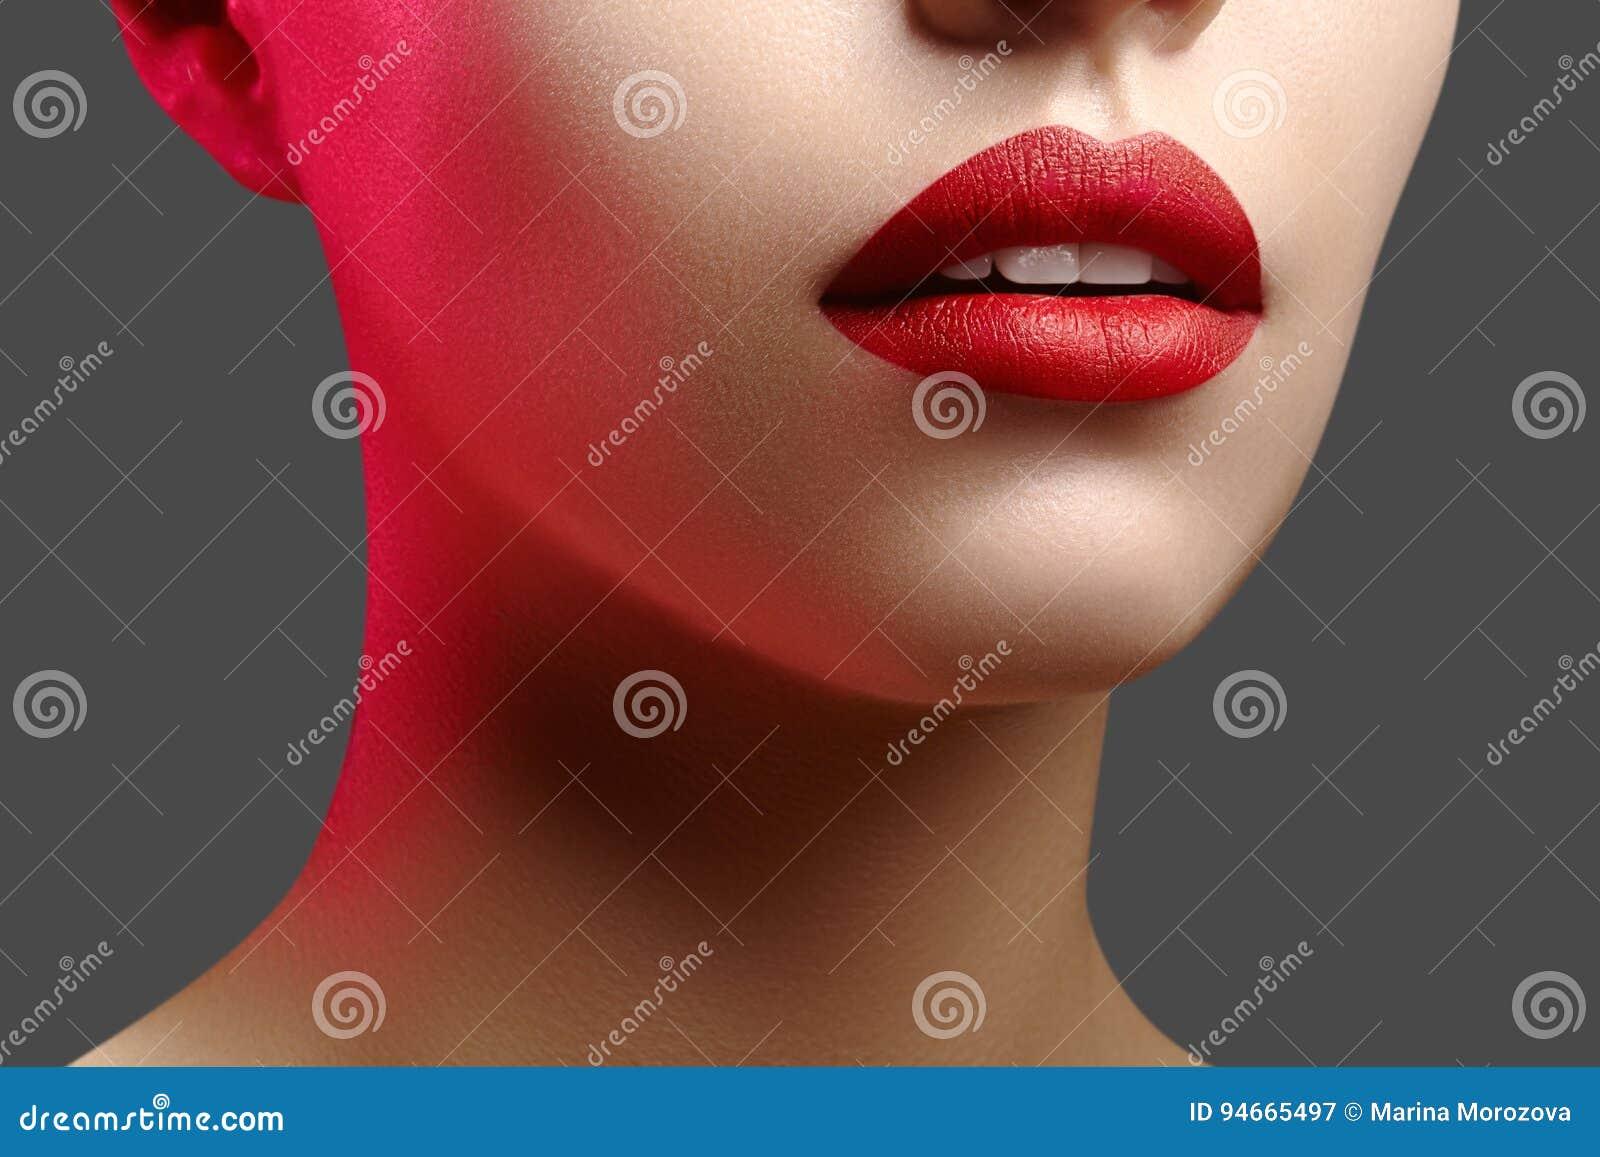 Cosmétiques, maquillage Rouge à lèvres lumineux sur des lèvres Plan rapproché de belle bouche femelle avec le maquillage rouge de